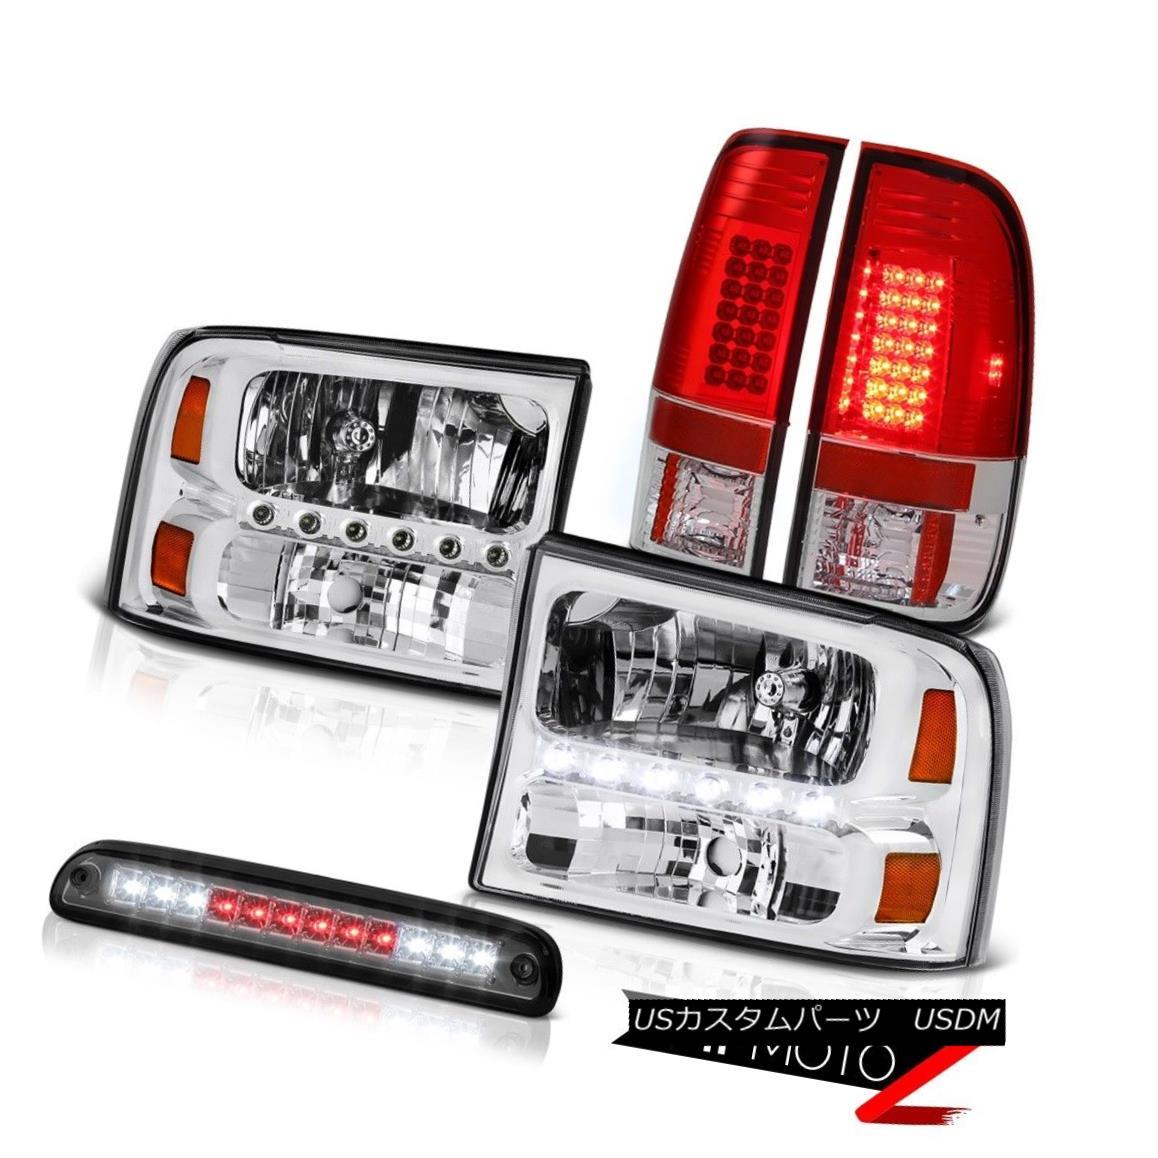 ヘッドライト Left Right Headlights Roof Brake Cargo LED Red Tail Light 1999-2004 F250 XLT 左の右のヘッドライトルーフブレーキ貨物LED赤テールライト1999-2004 F250 XLT